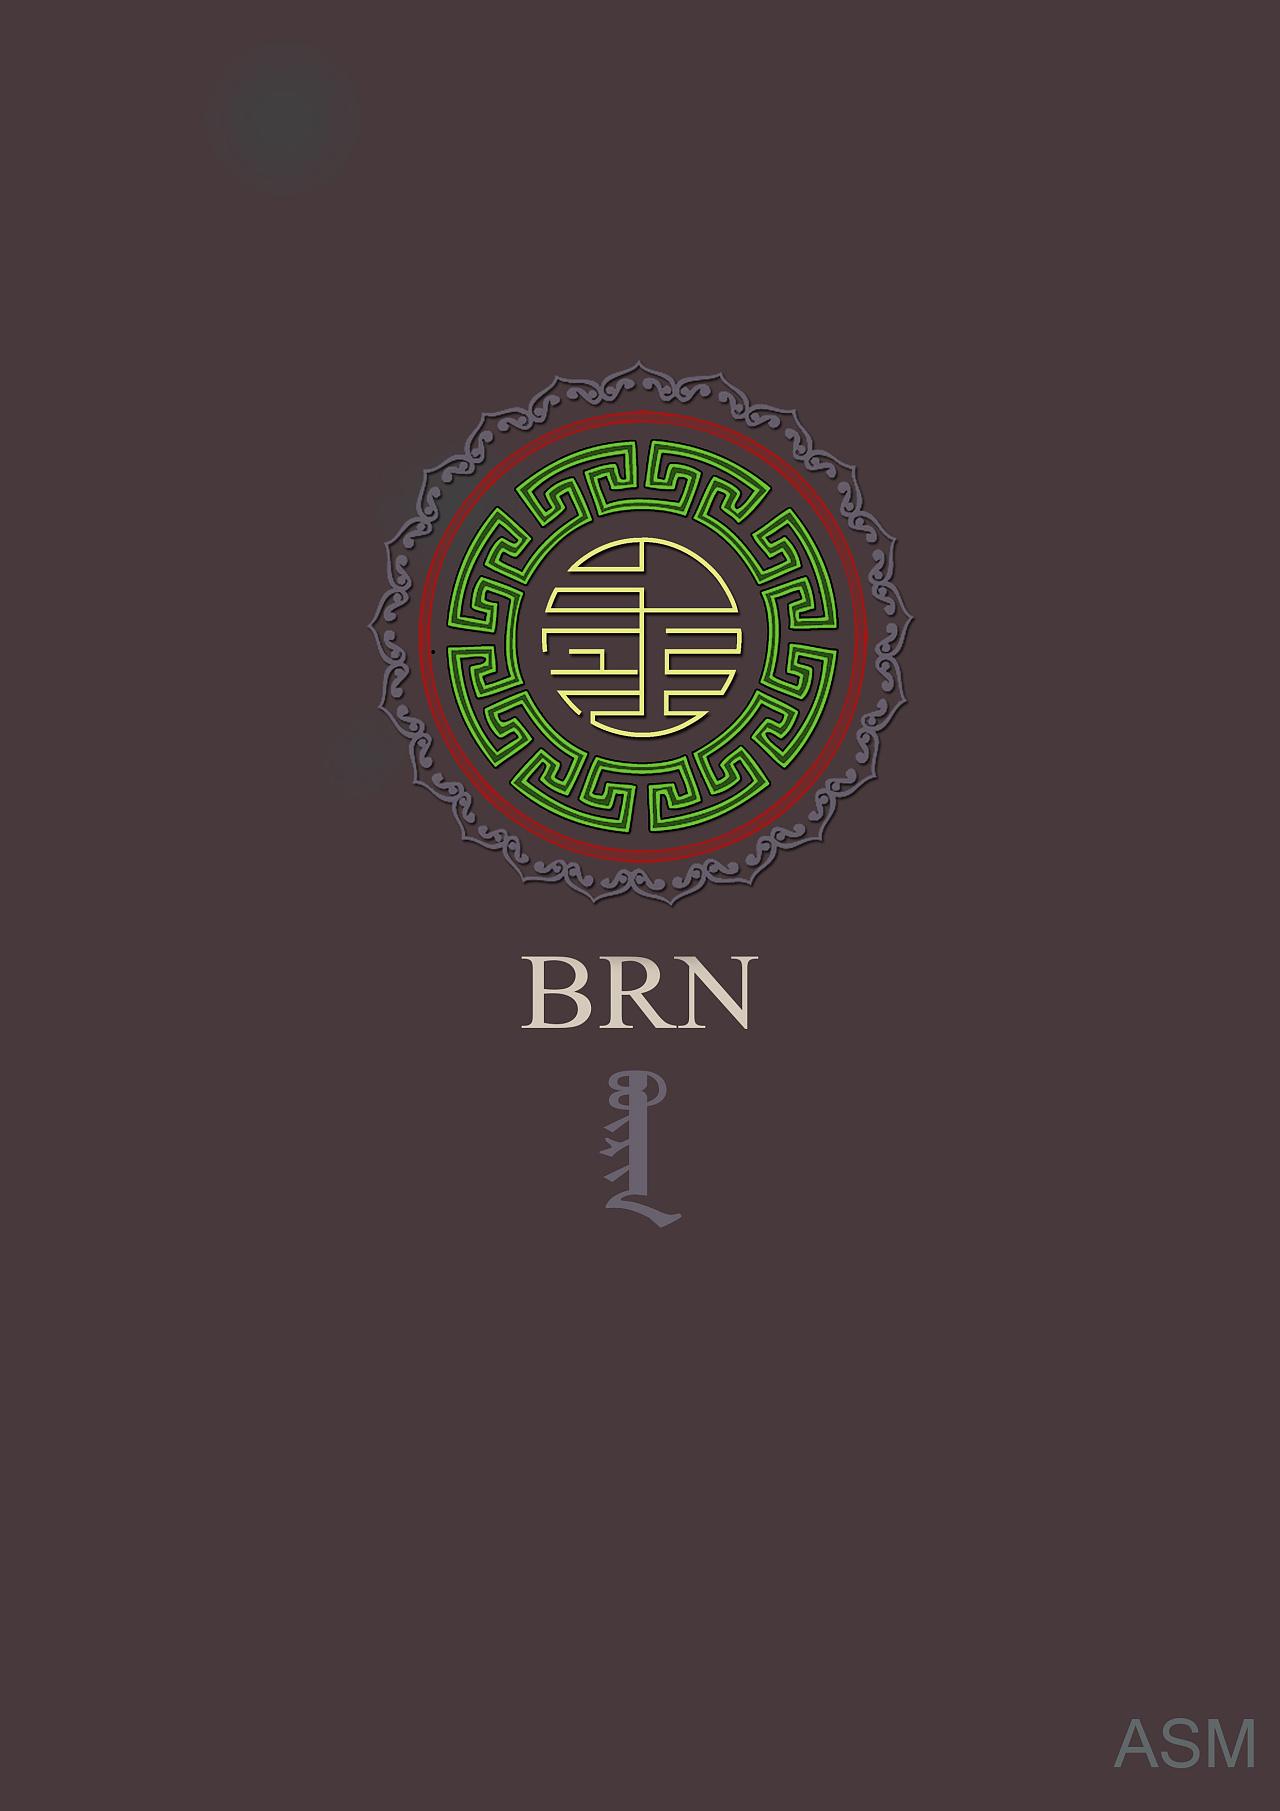 蒙古艺术文字4 -阿斯玛设计 第1张